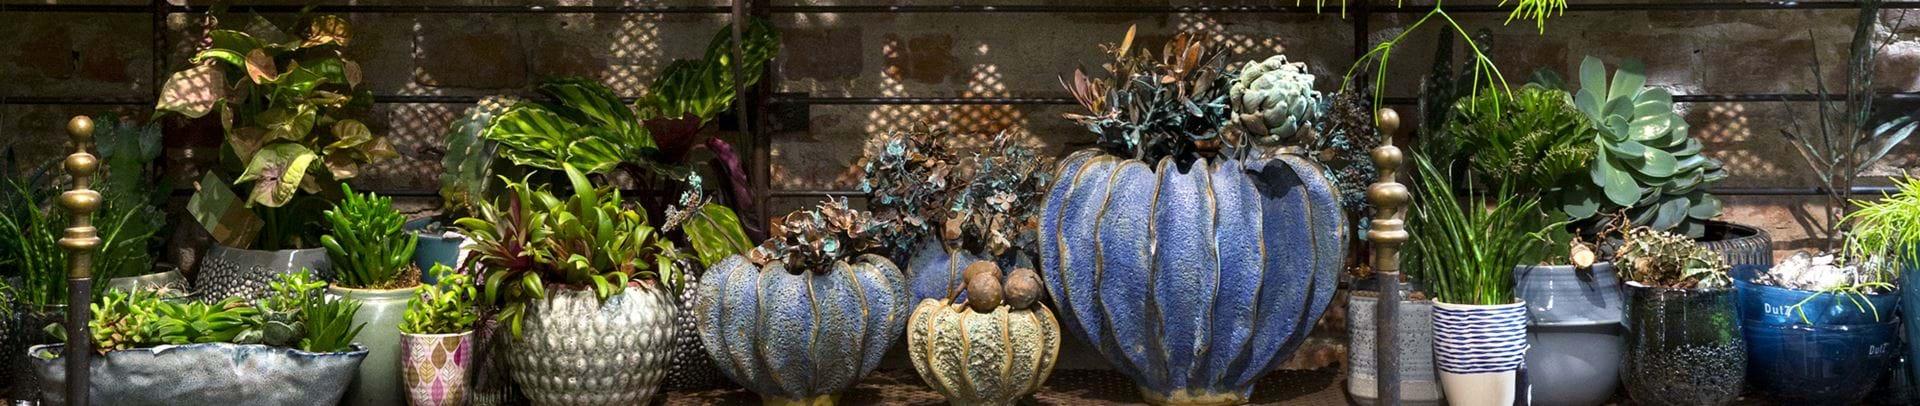 Hylde med potteplanter og urtepotteskjulere i grøne og blå nuancer